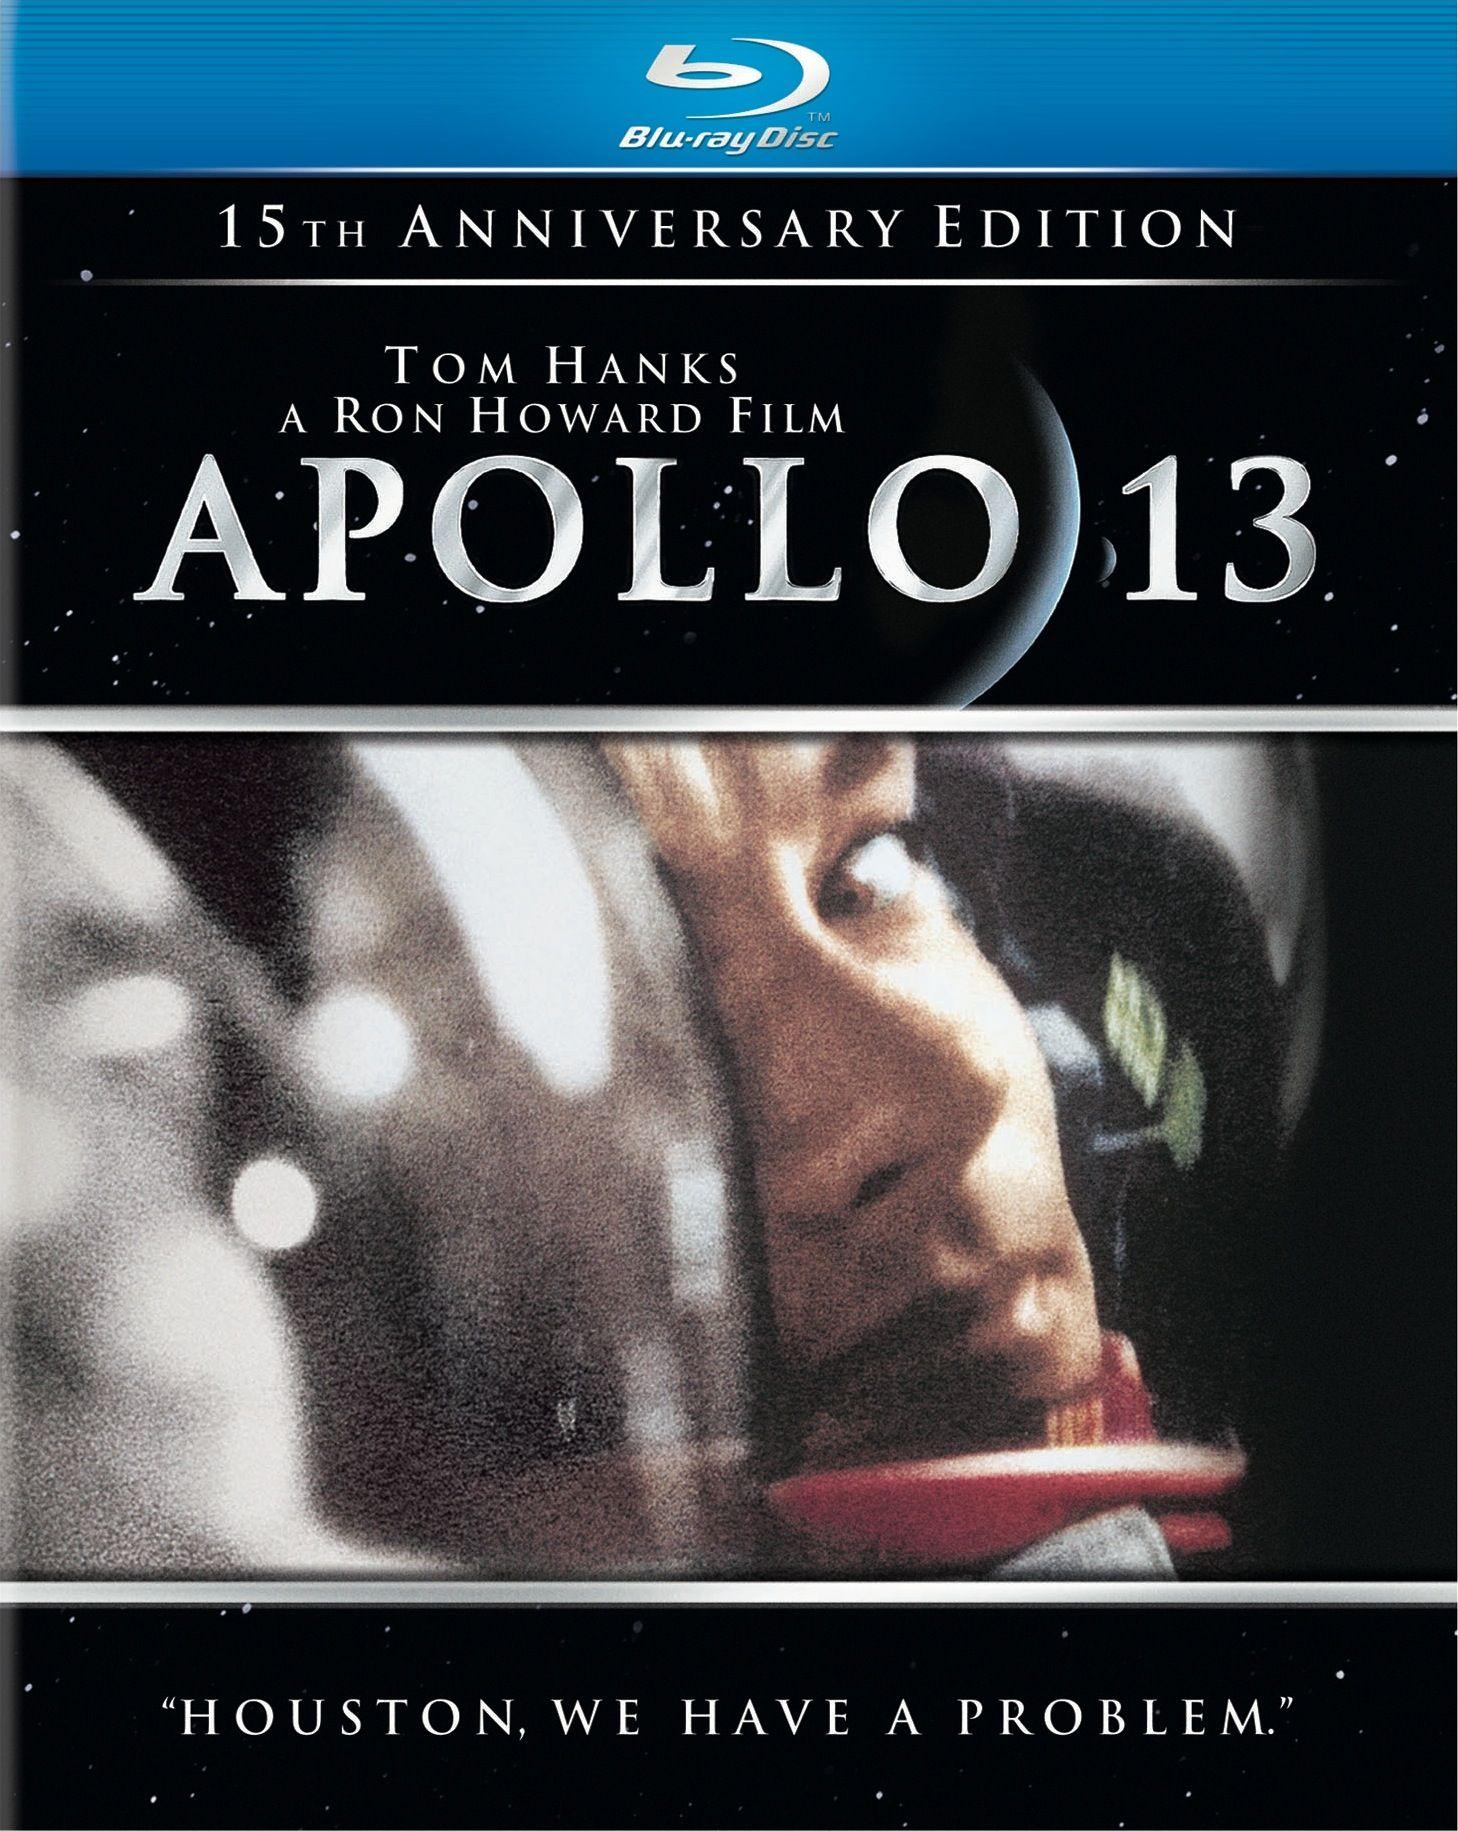 Apollo 13 Quotes Classy apollo 13 quotes stars love sad picture